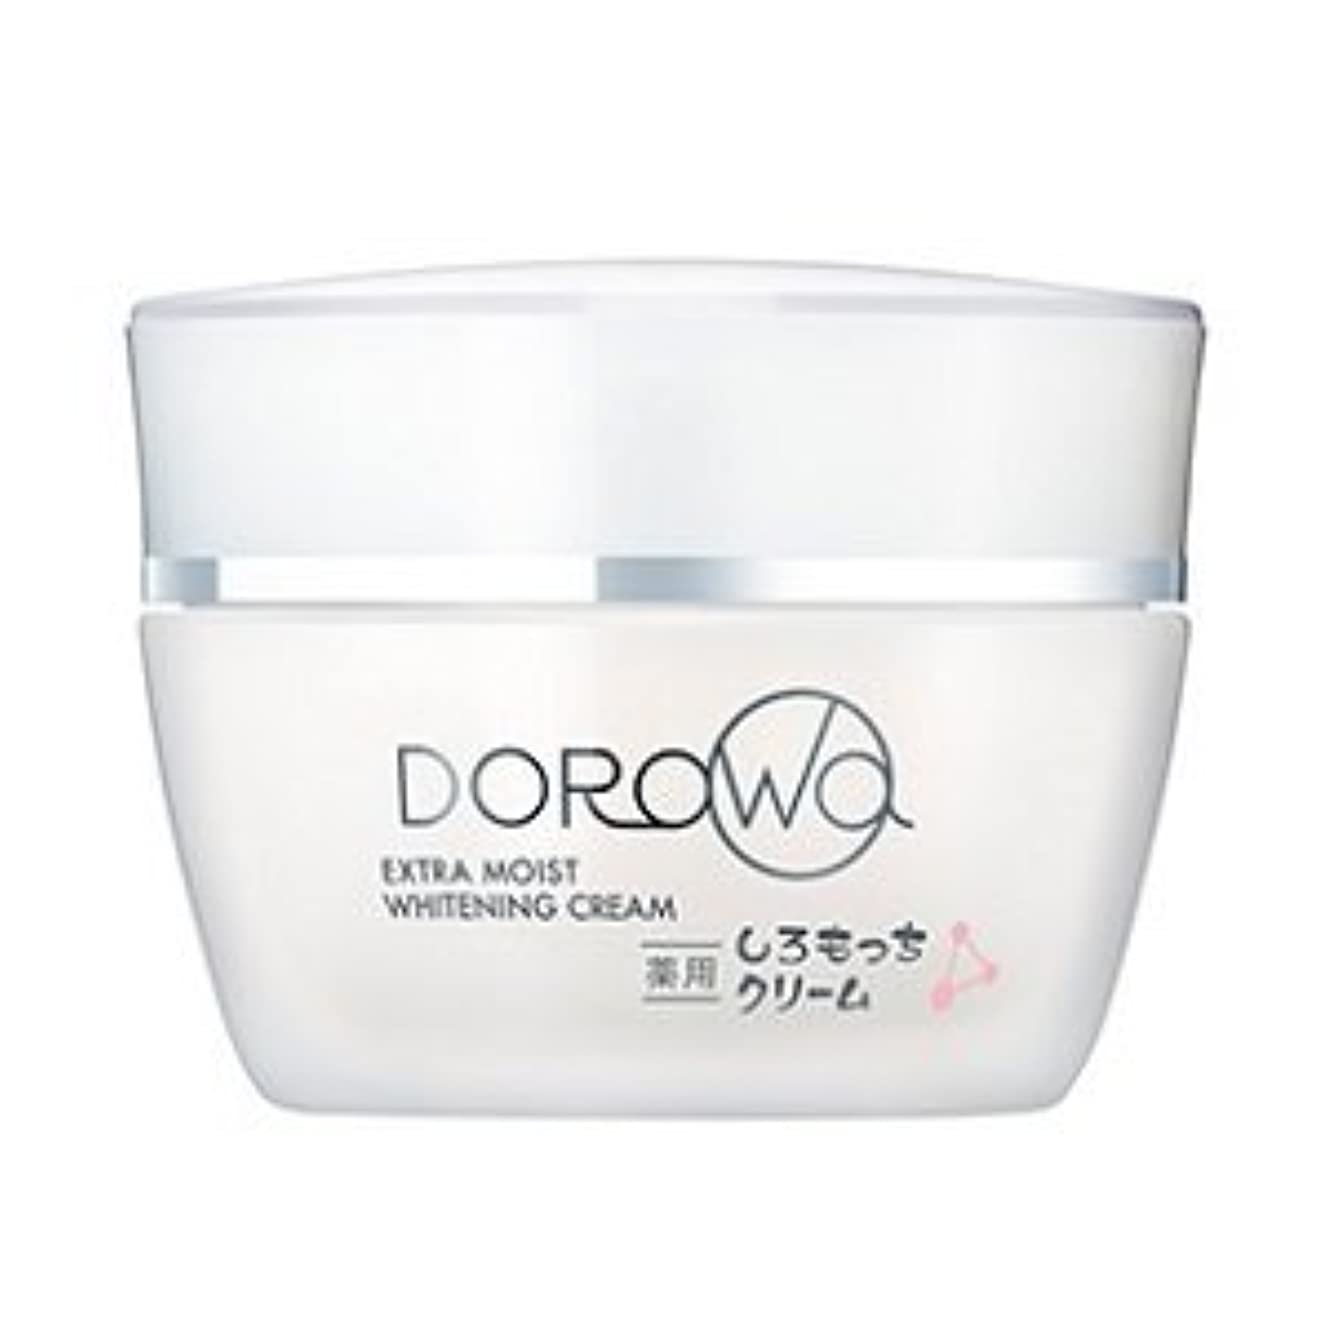 日光ラビリンス寛容健康コーポレーション DOROwa 薬用 しろもっちクリーム 60g